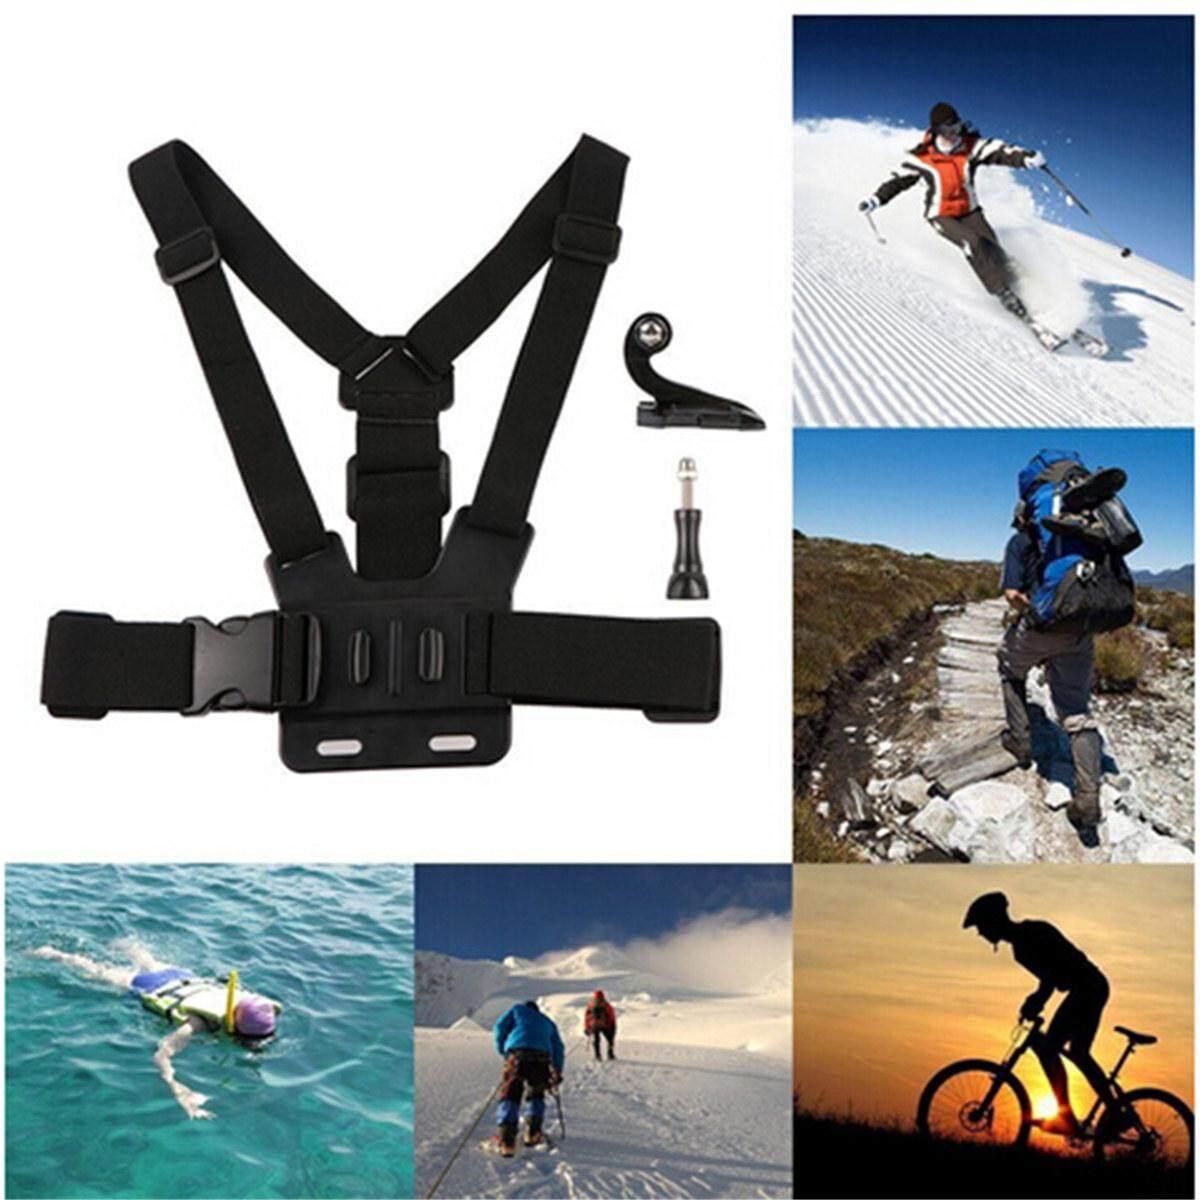 Tipe B Penyesuaian Elastis Dada Tubuh Kamera Olahraga Tali dengan J-Hook Gesper-Internasional